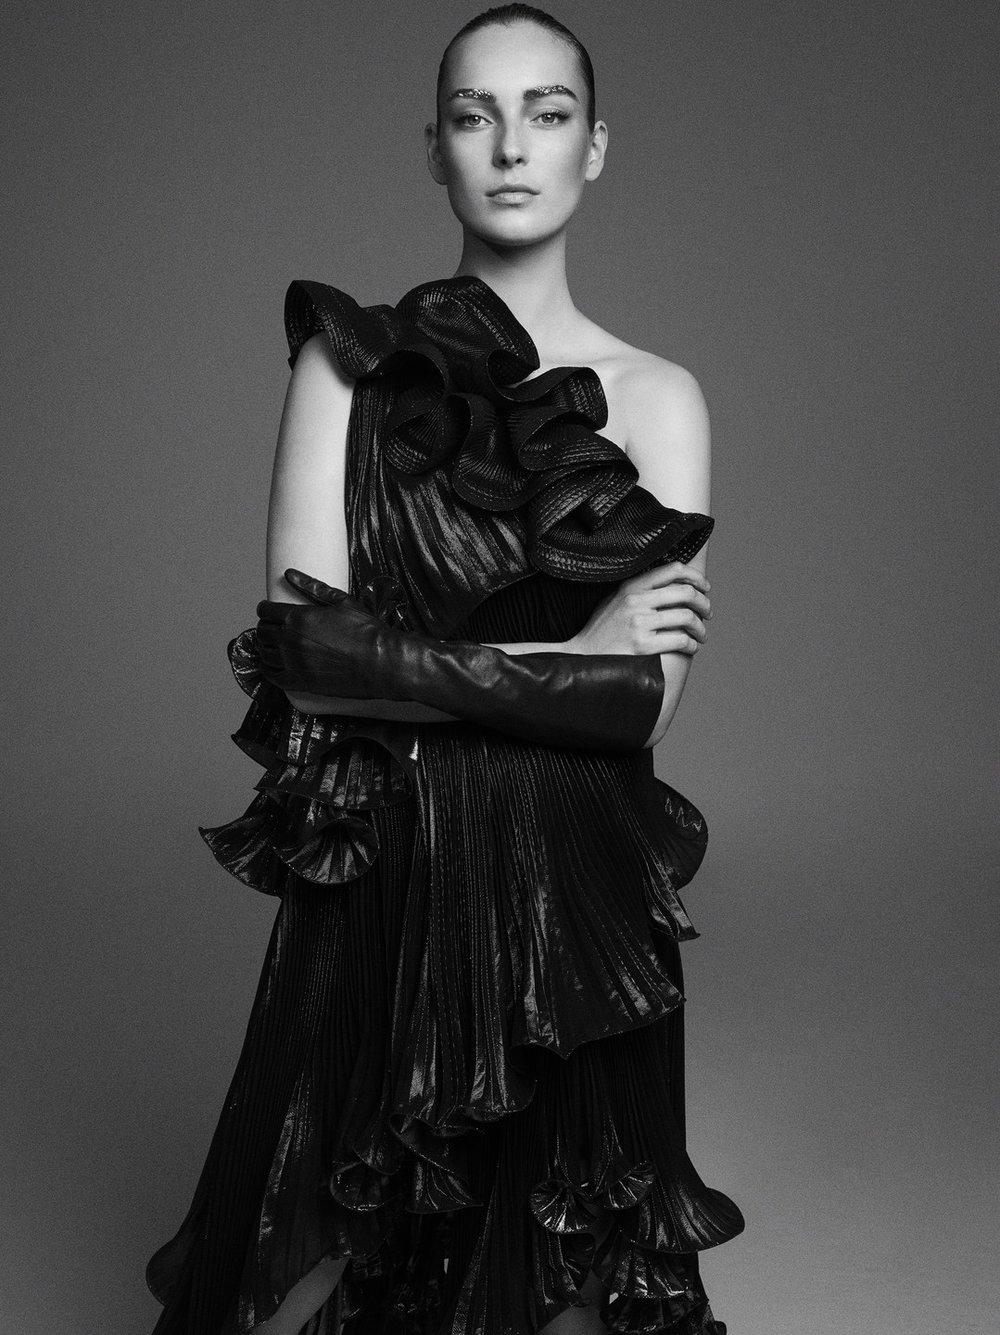 Julia Bergshoeff by Alvaro Beamud Cortes for Vogue Spain December 2018 (2).jpg